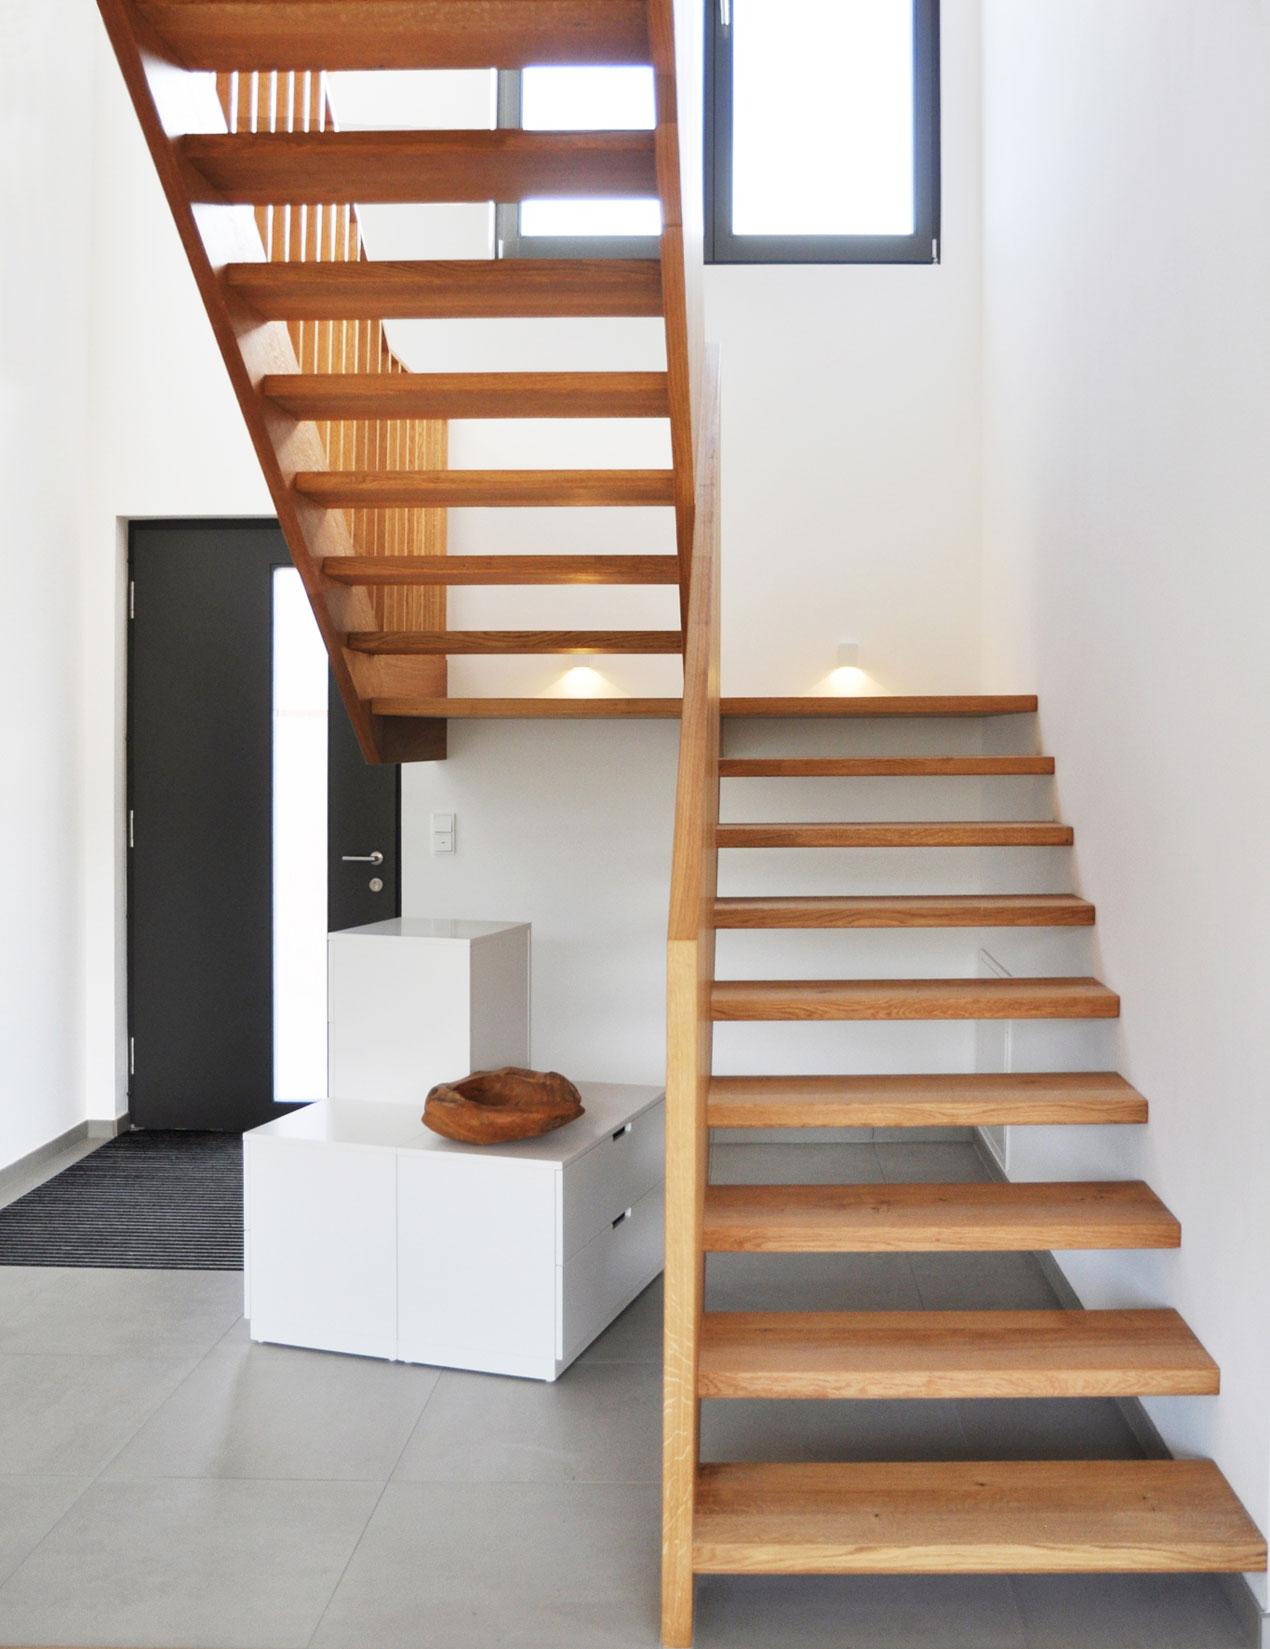 holztreppe im handwerklichen stil treppenbau diehl in frankfurt. Black Bedroom Furniture Sets. Home Design Ideas